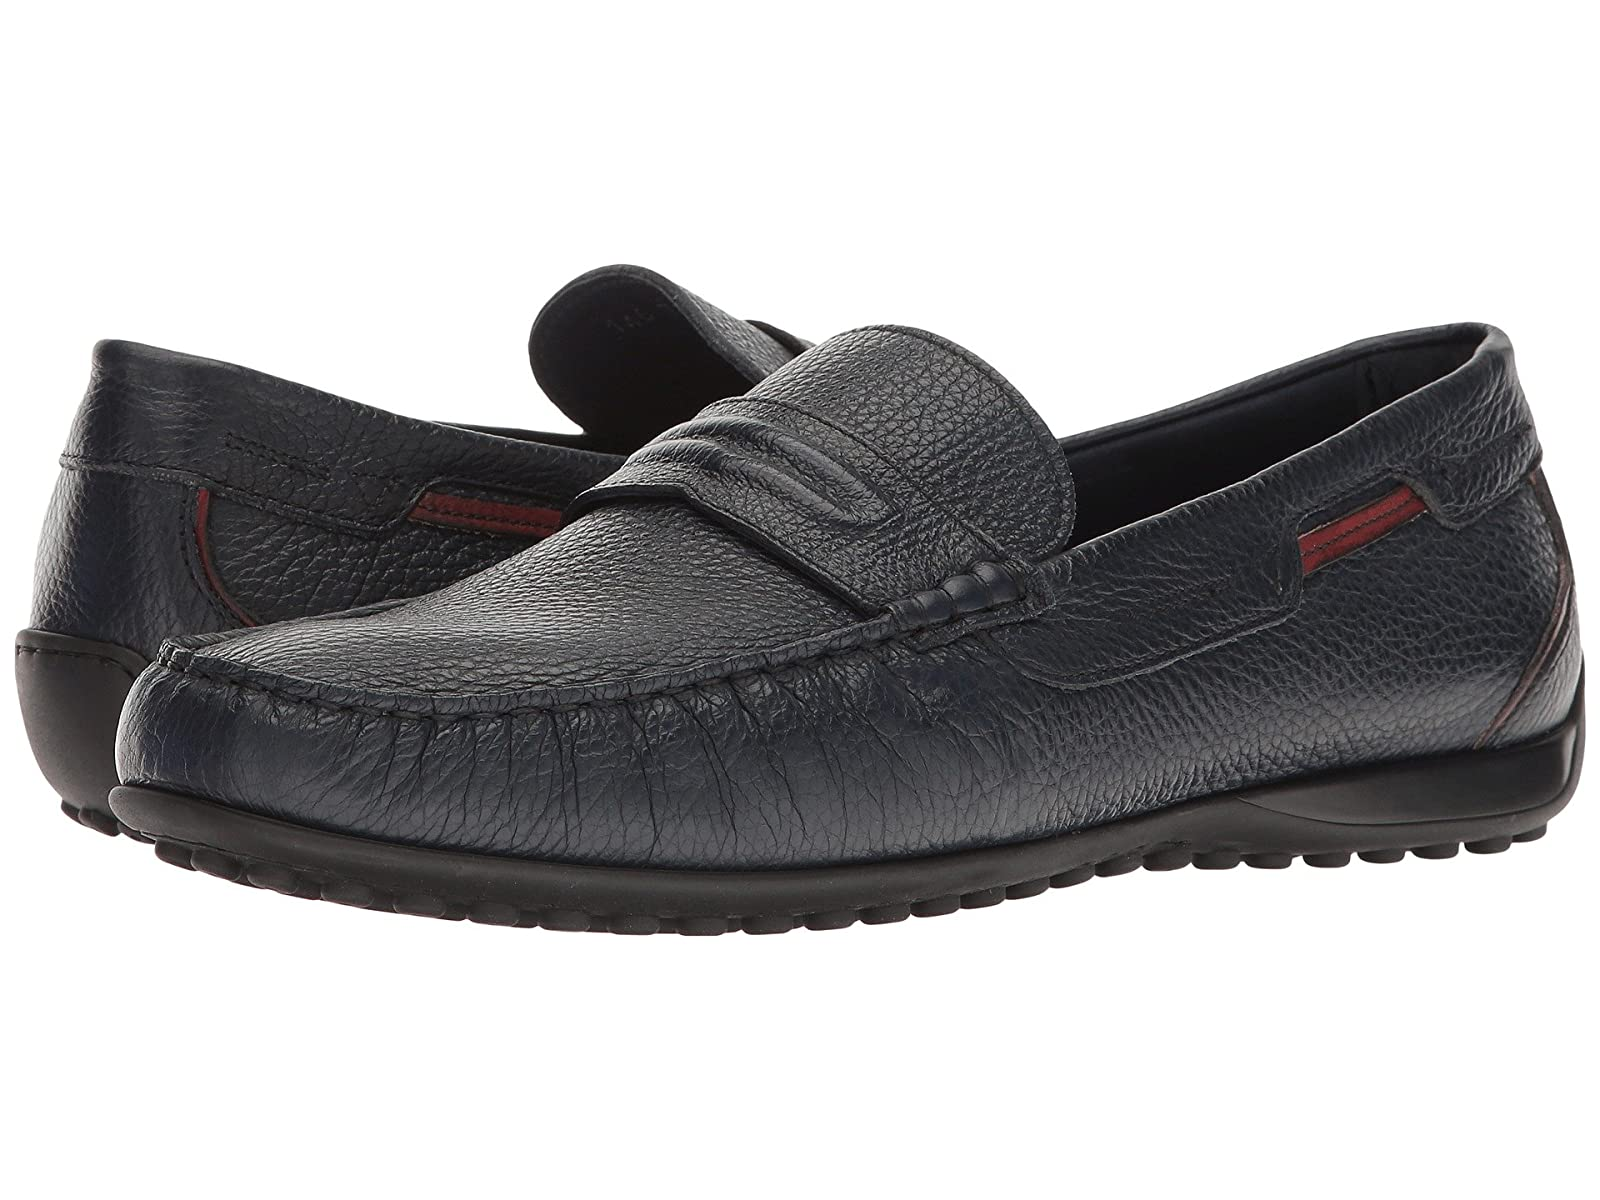 Bacco Bucci BerraCheap and distinctive eye-catching shoes